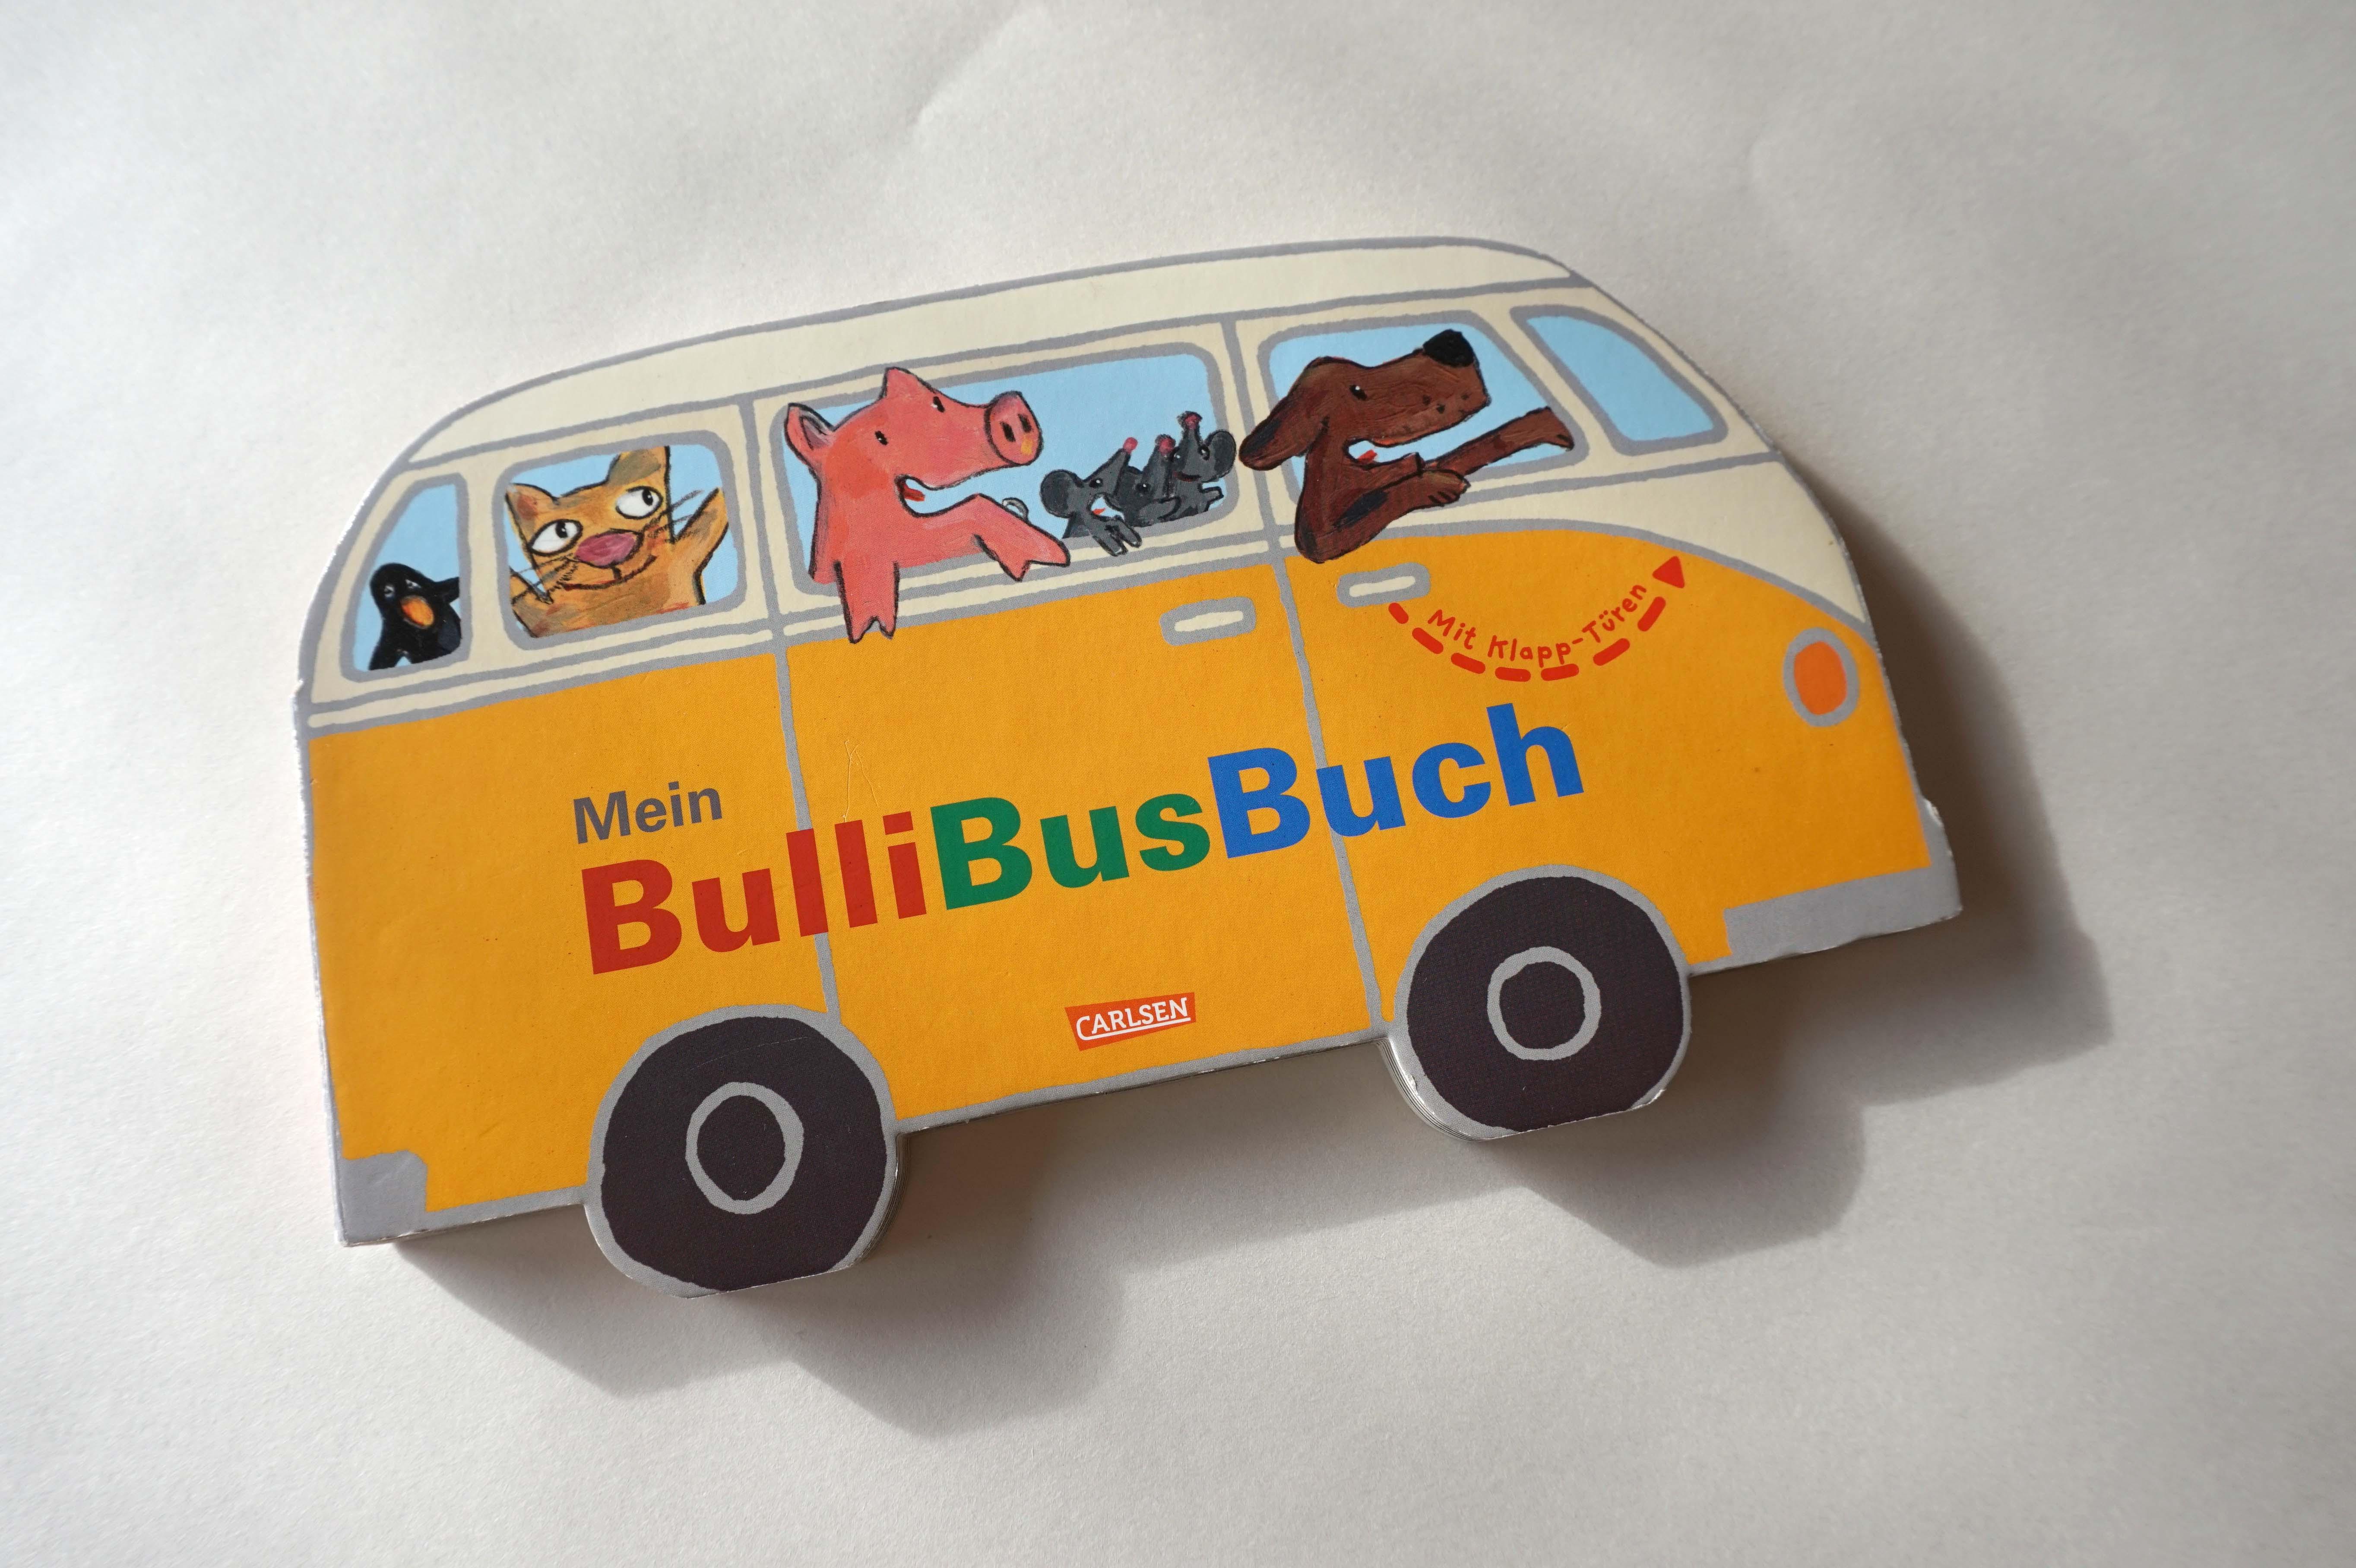 Mein BulliBusBuch Book Cover